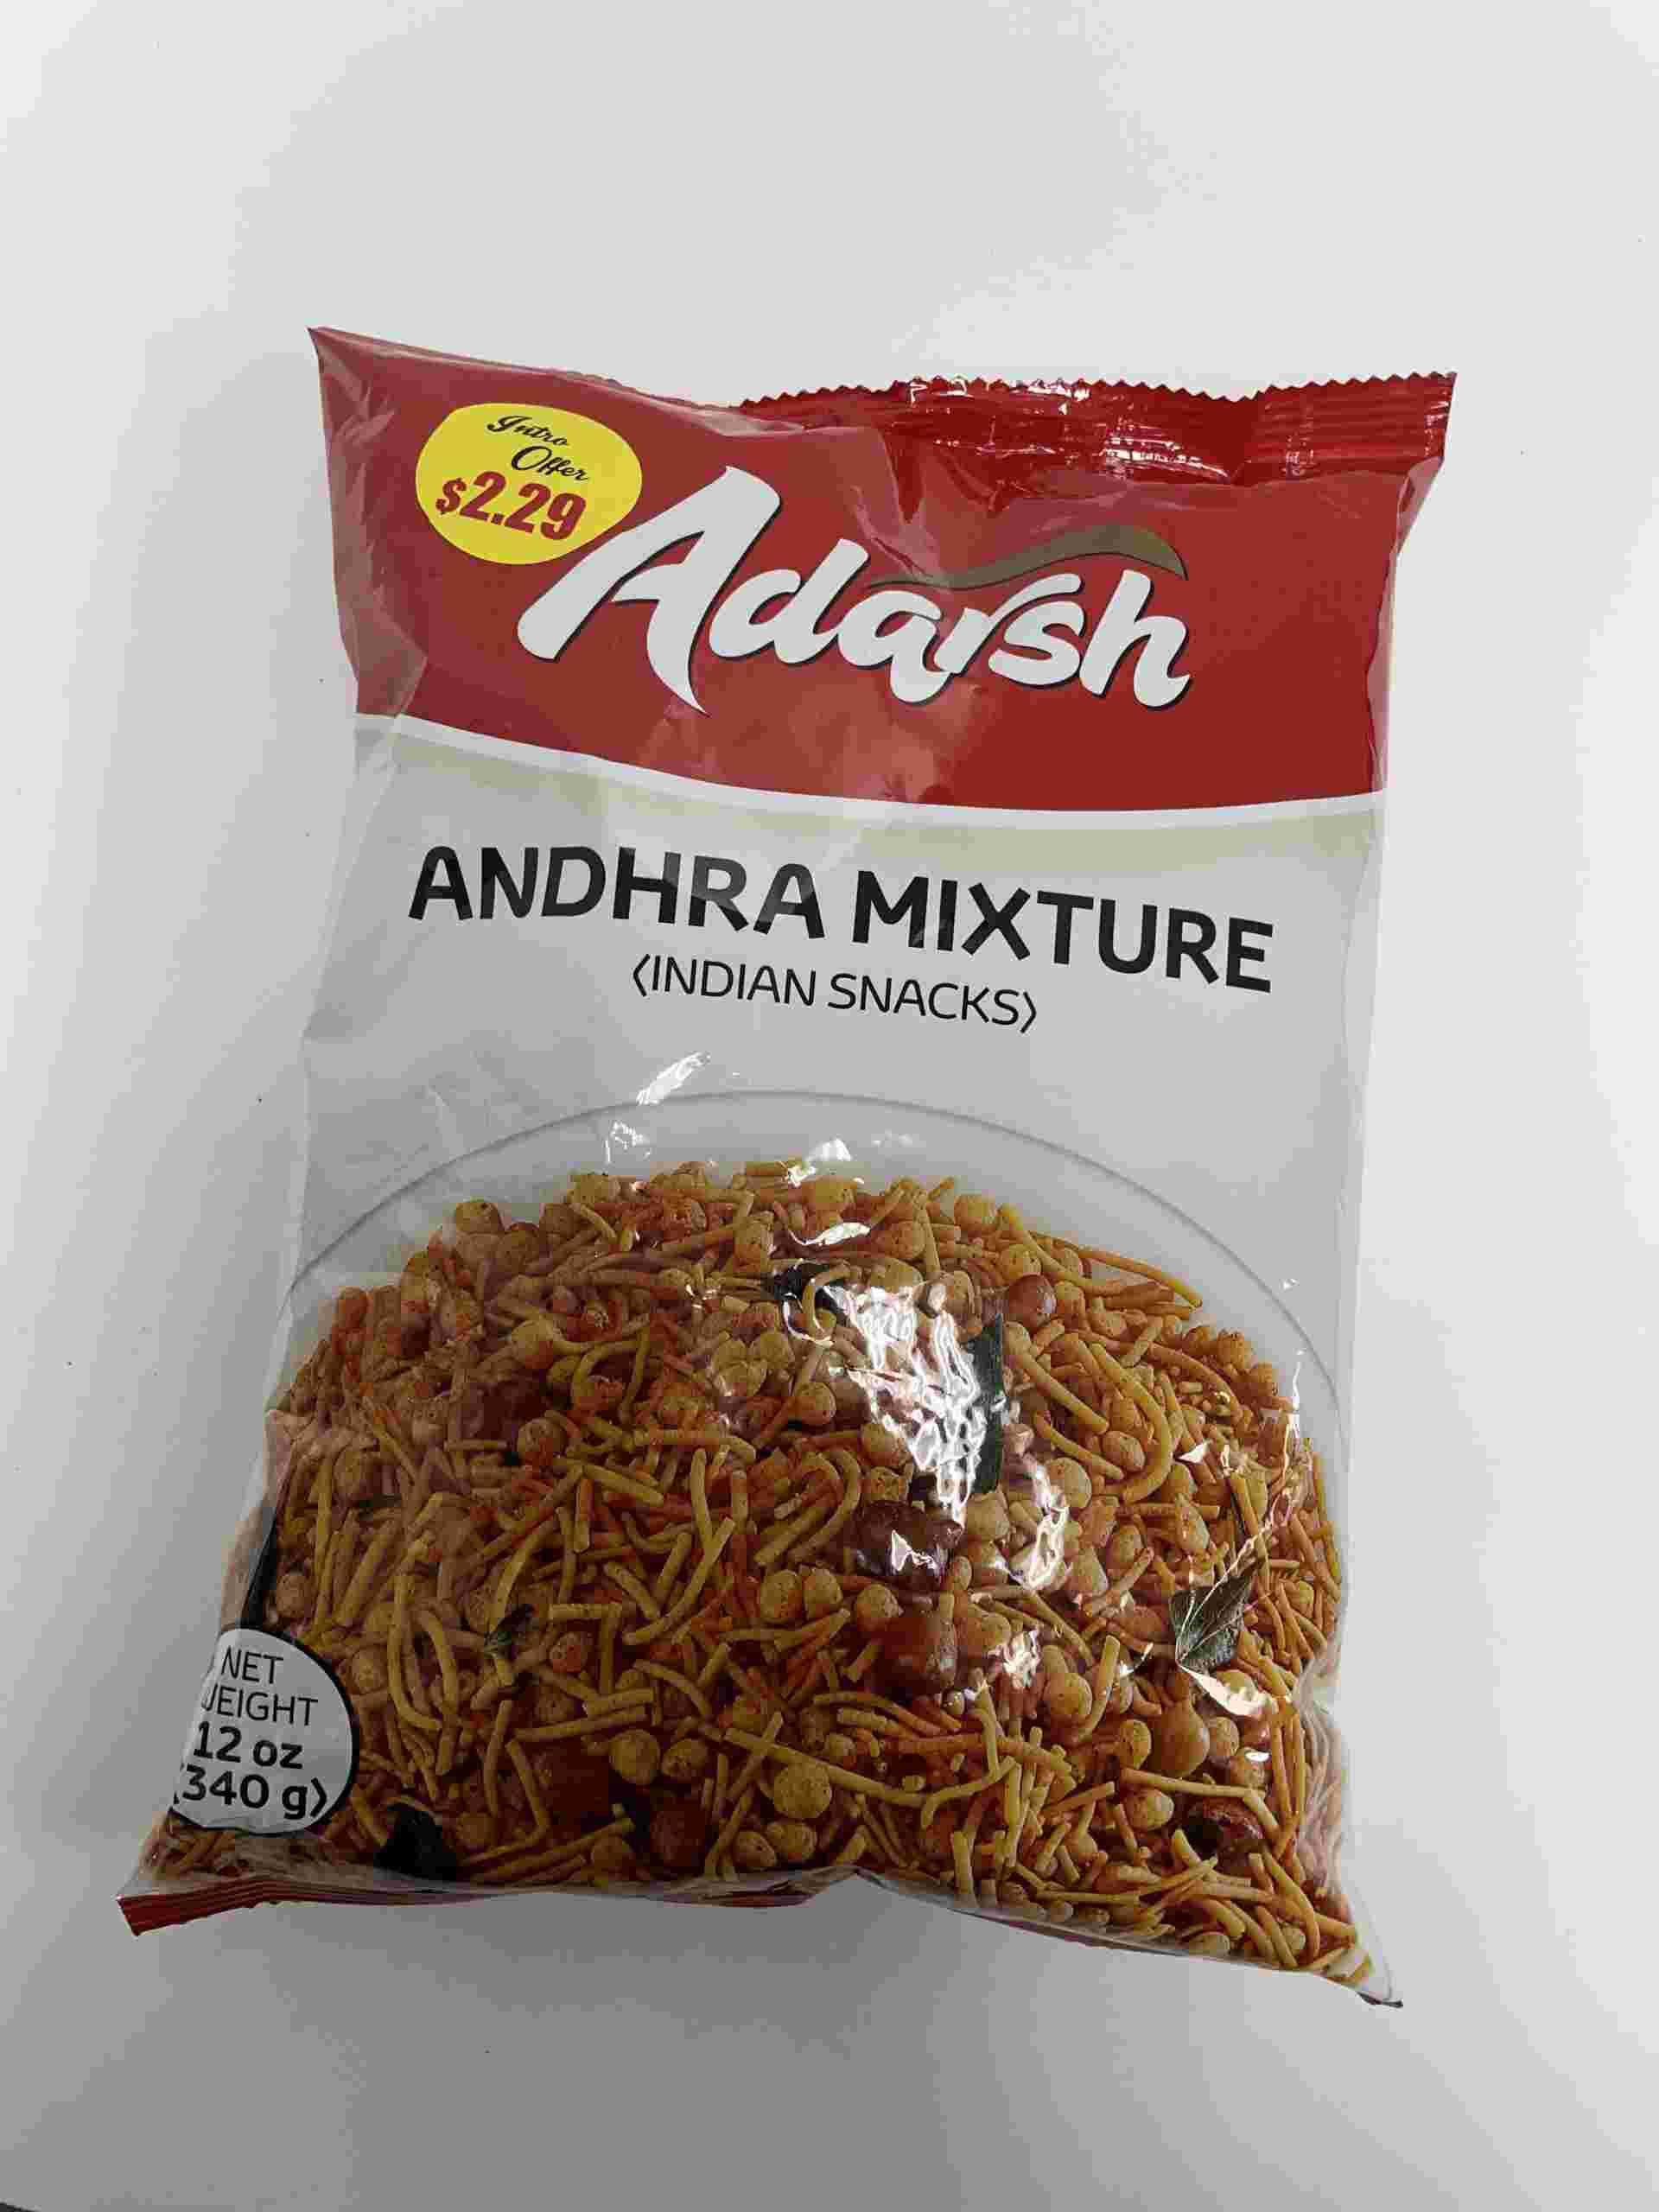 Adarsh Andhra Mixture